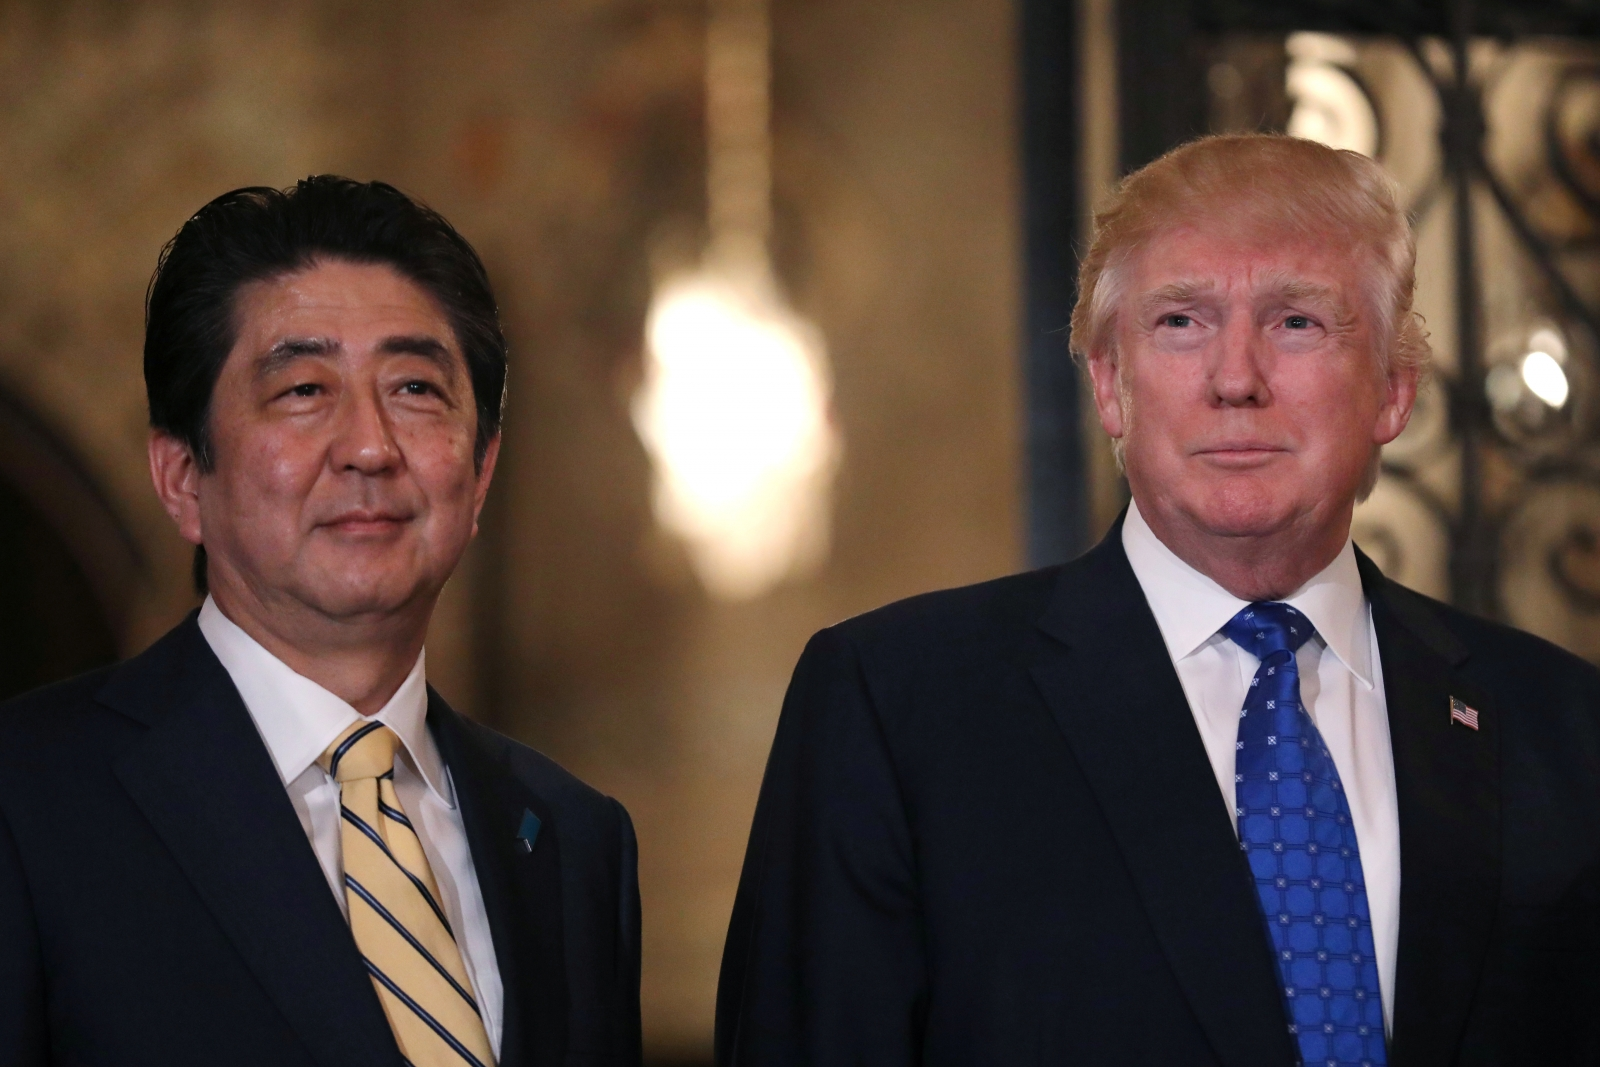 Donald Trump and Shinzo Abe